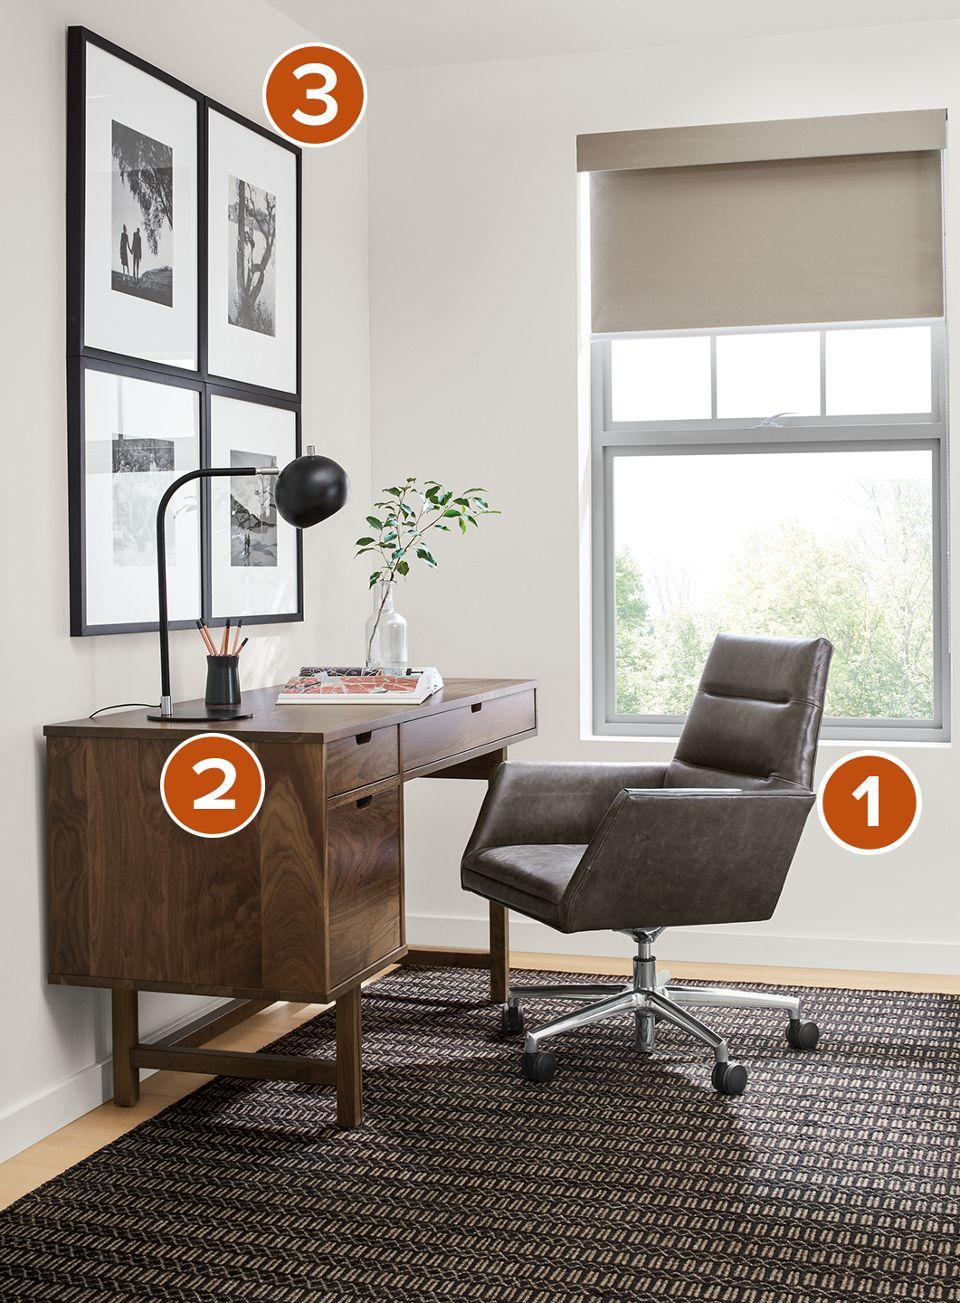 Ellis Desk With Tenley Office Chair Room Board